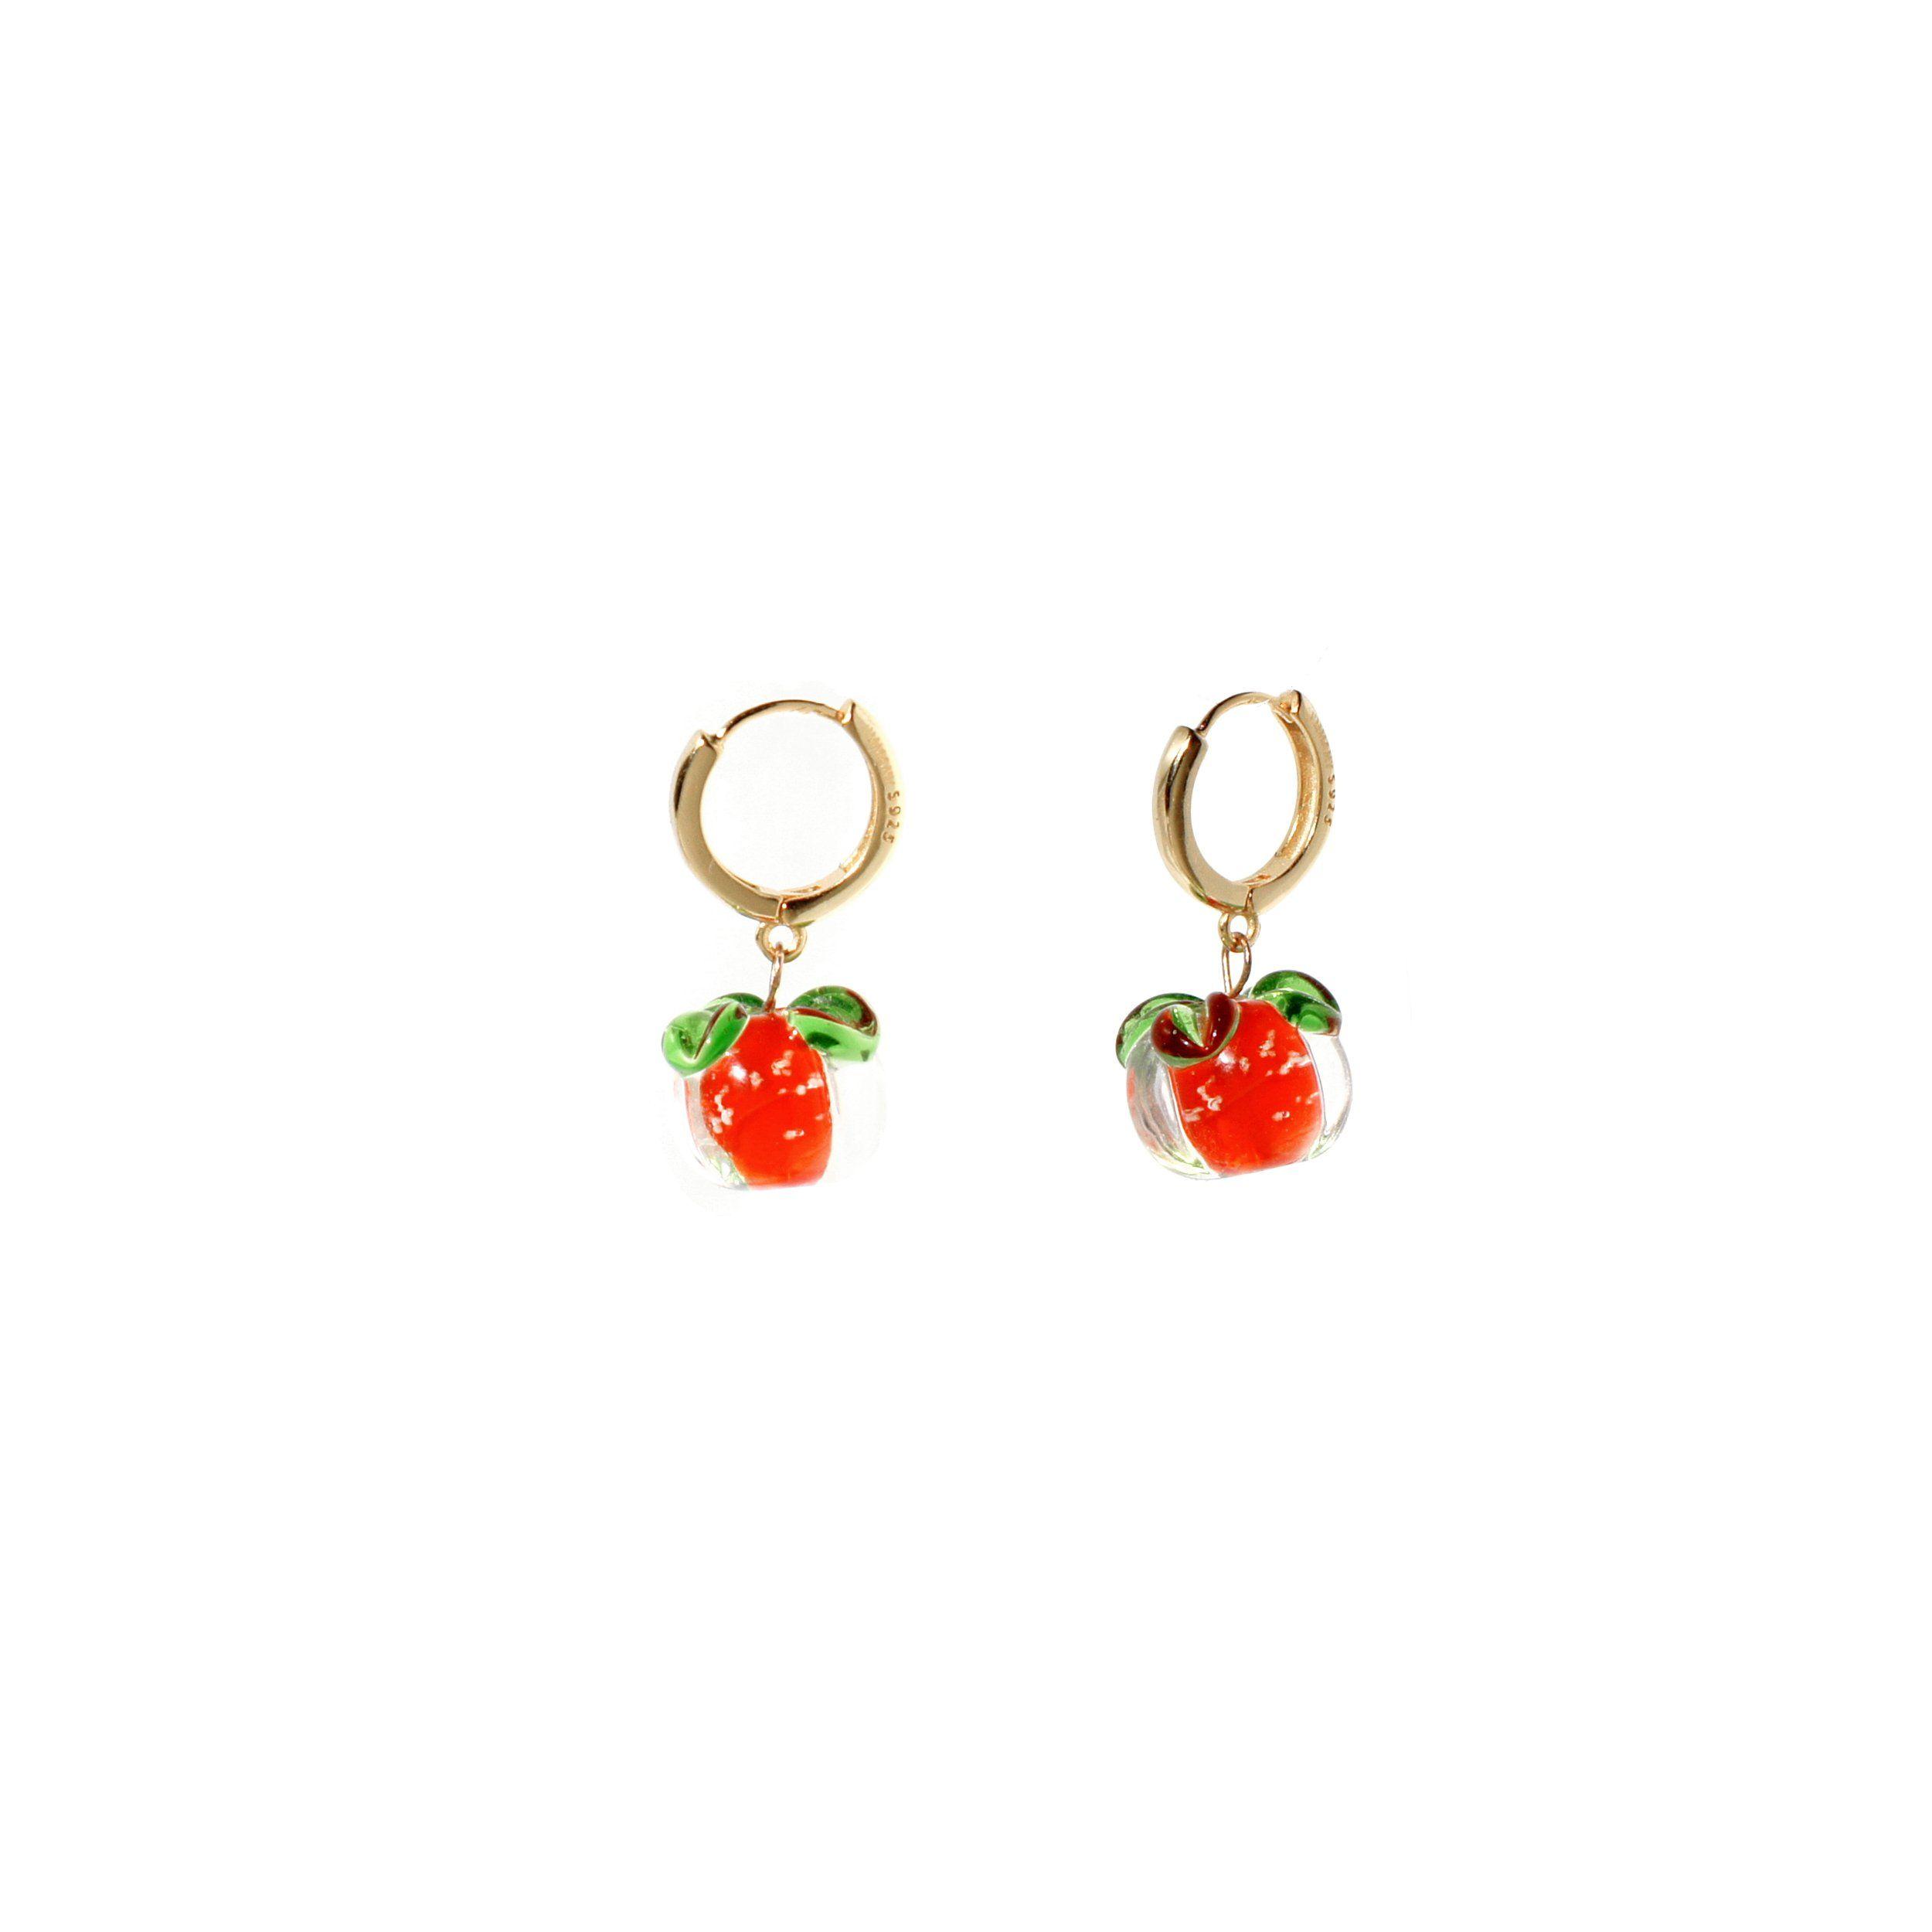 Tomato Salsa Huggie Hoop Earrings, 18K Gold Vermeil – Gift Packaging